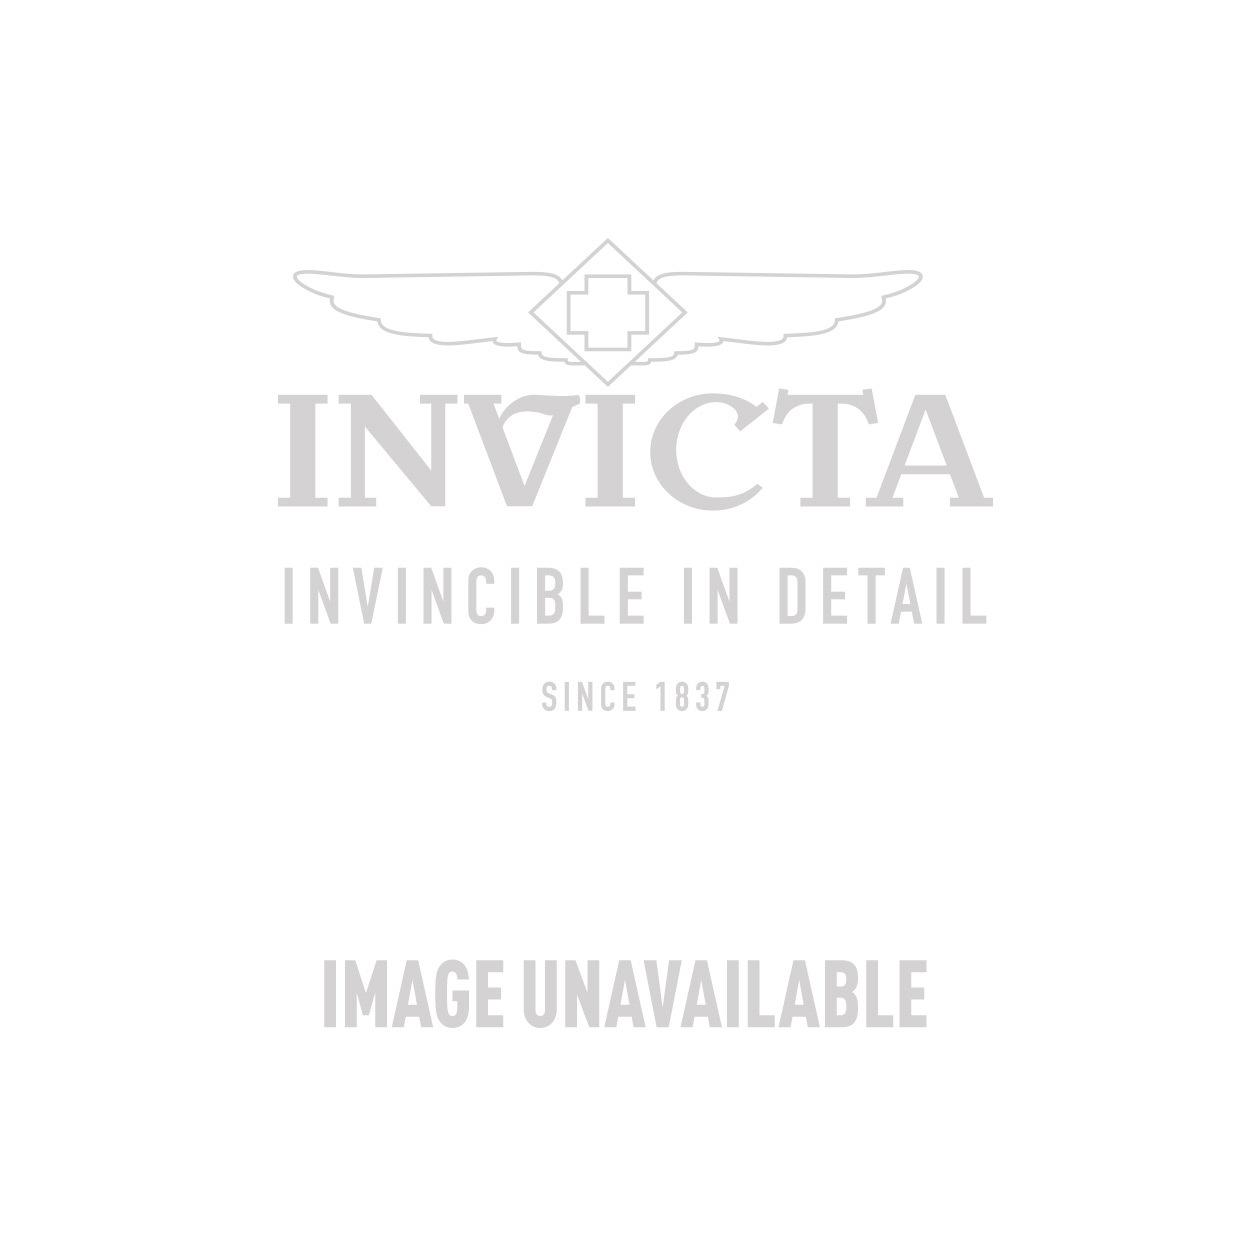 Invicta JT  Quartz Watch - Black, Stainless Steel case with Steel, Black tone Stainless Steel band - Model 13047